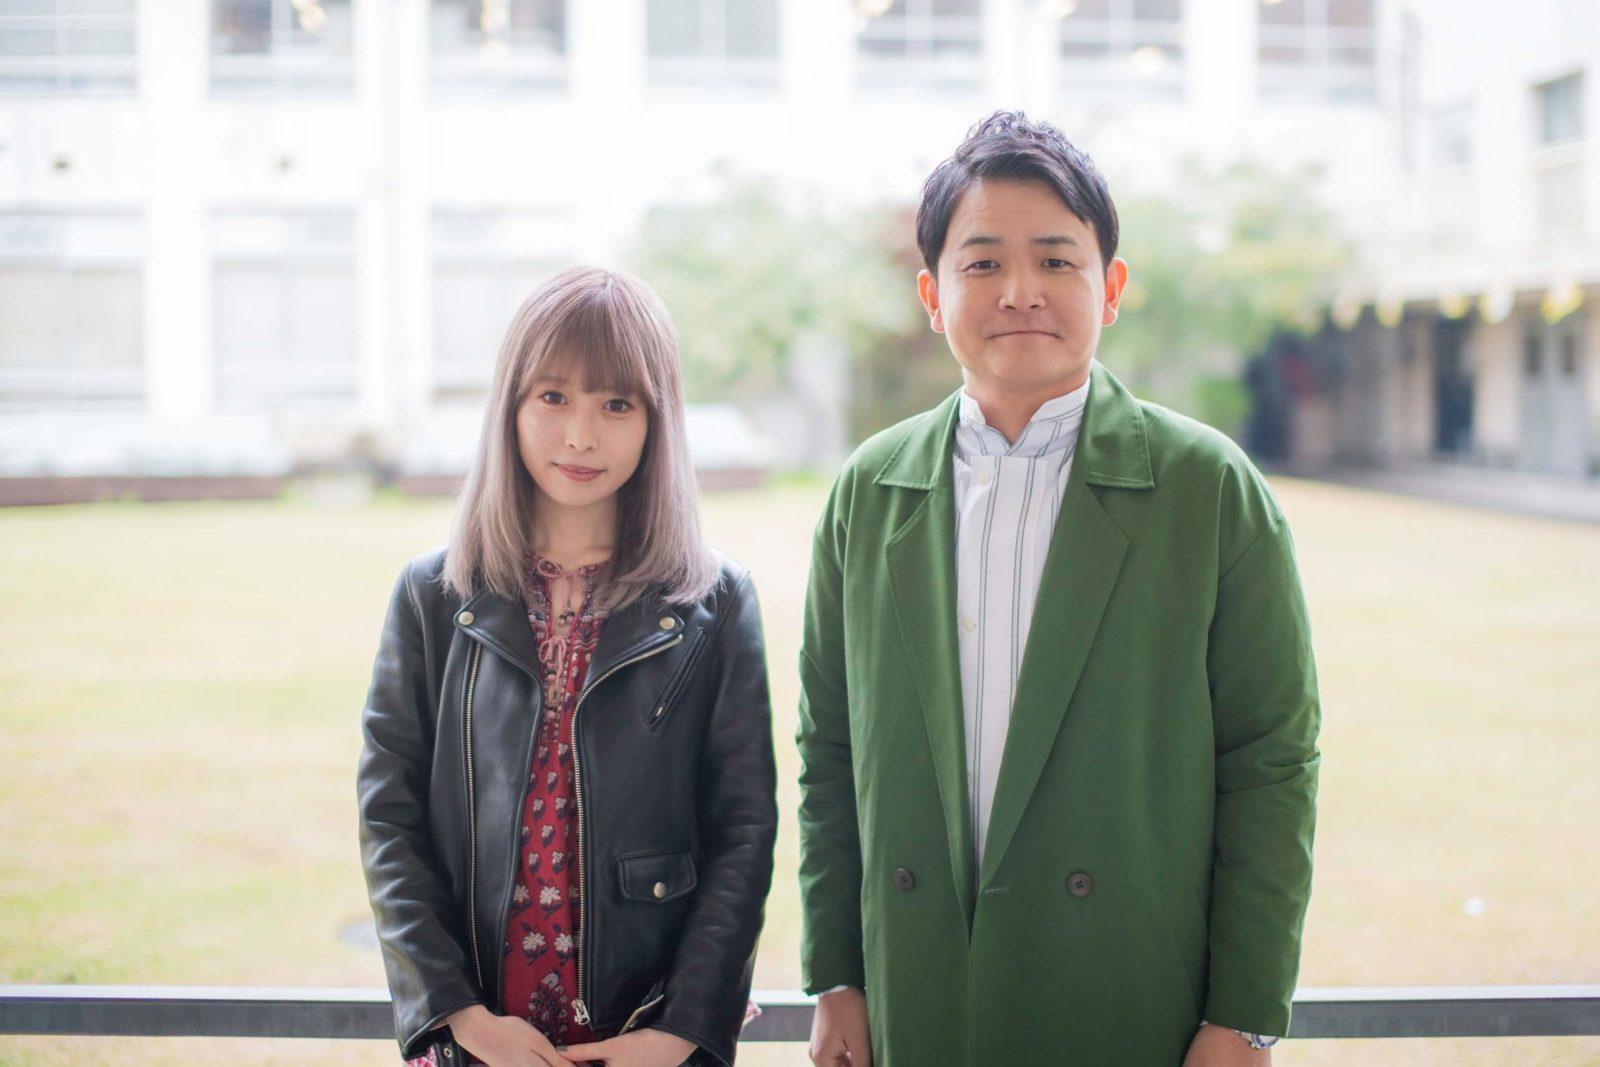 藤川千愛、デビューアルバム「ライカ」に同郷の千鳥ノブが初の歌詞提供サムネイル画像